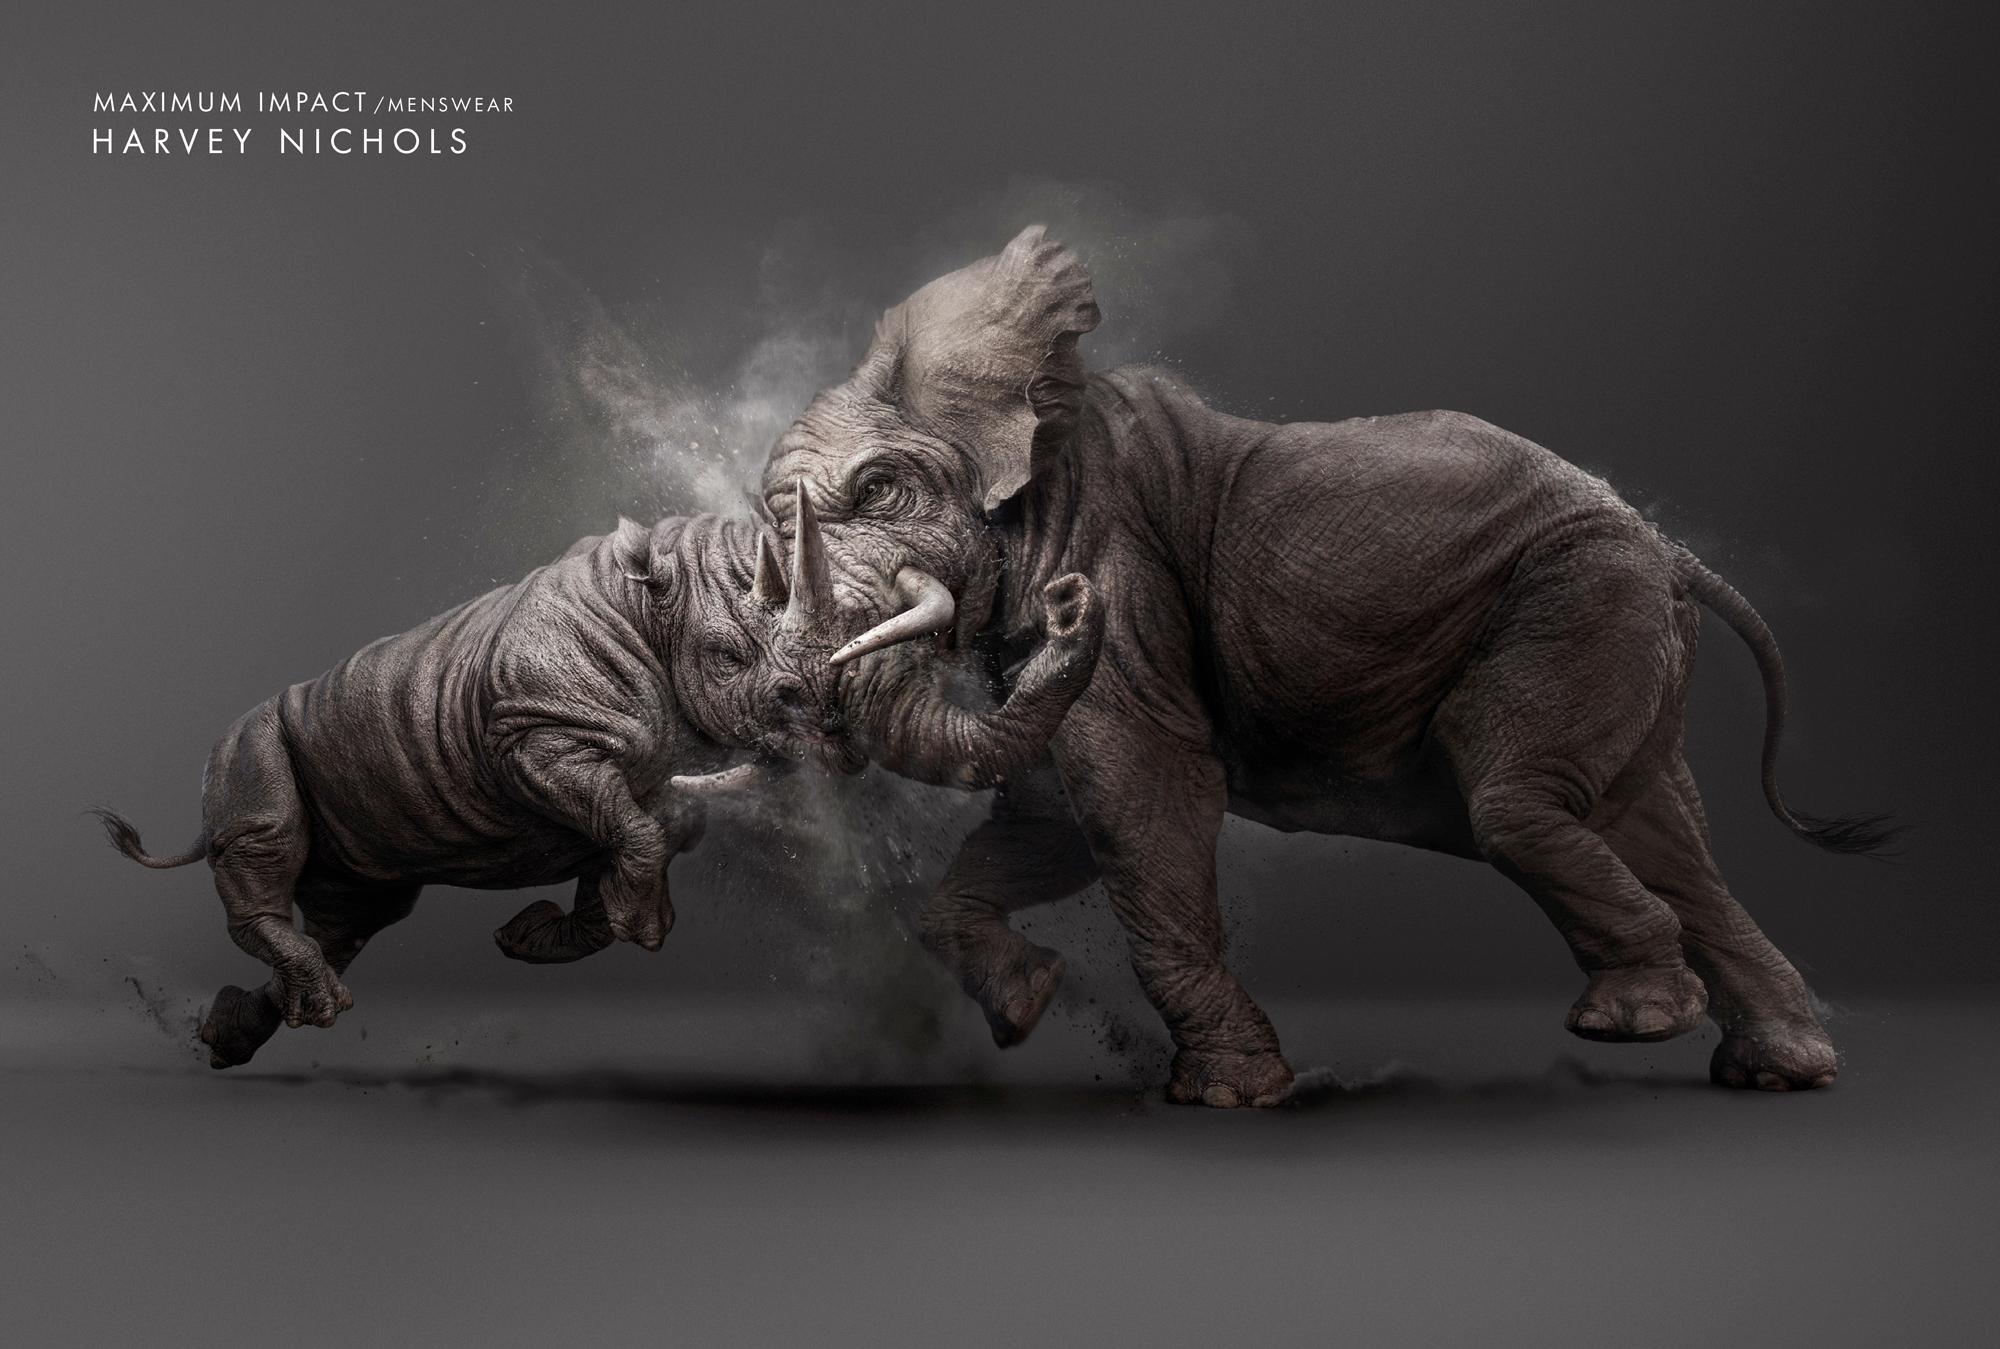 Pertarungan Gajah vs Badak, menang mana ?